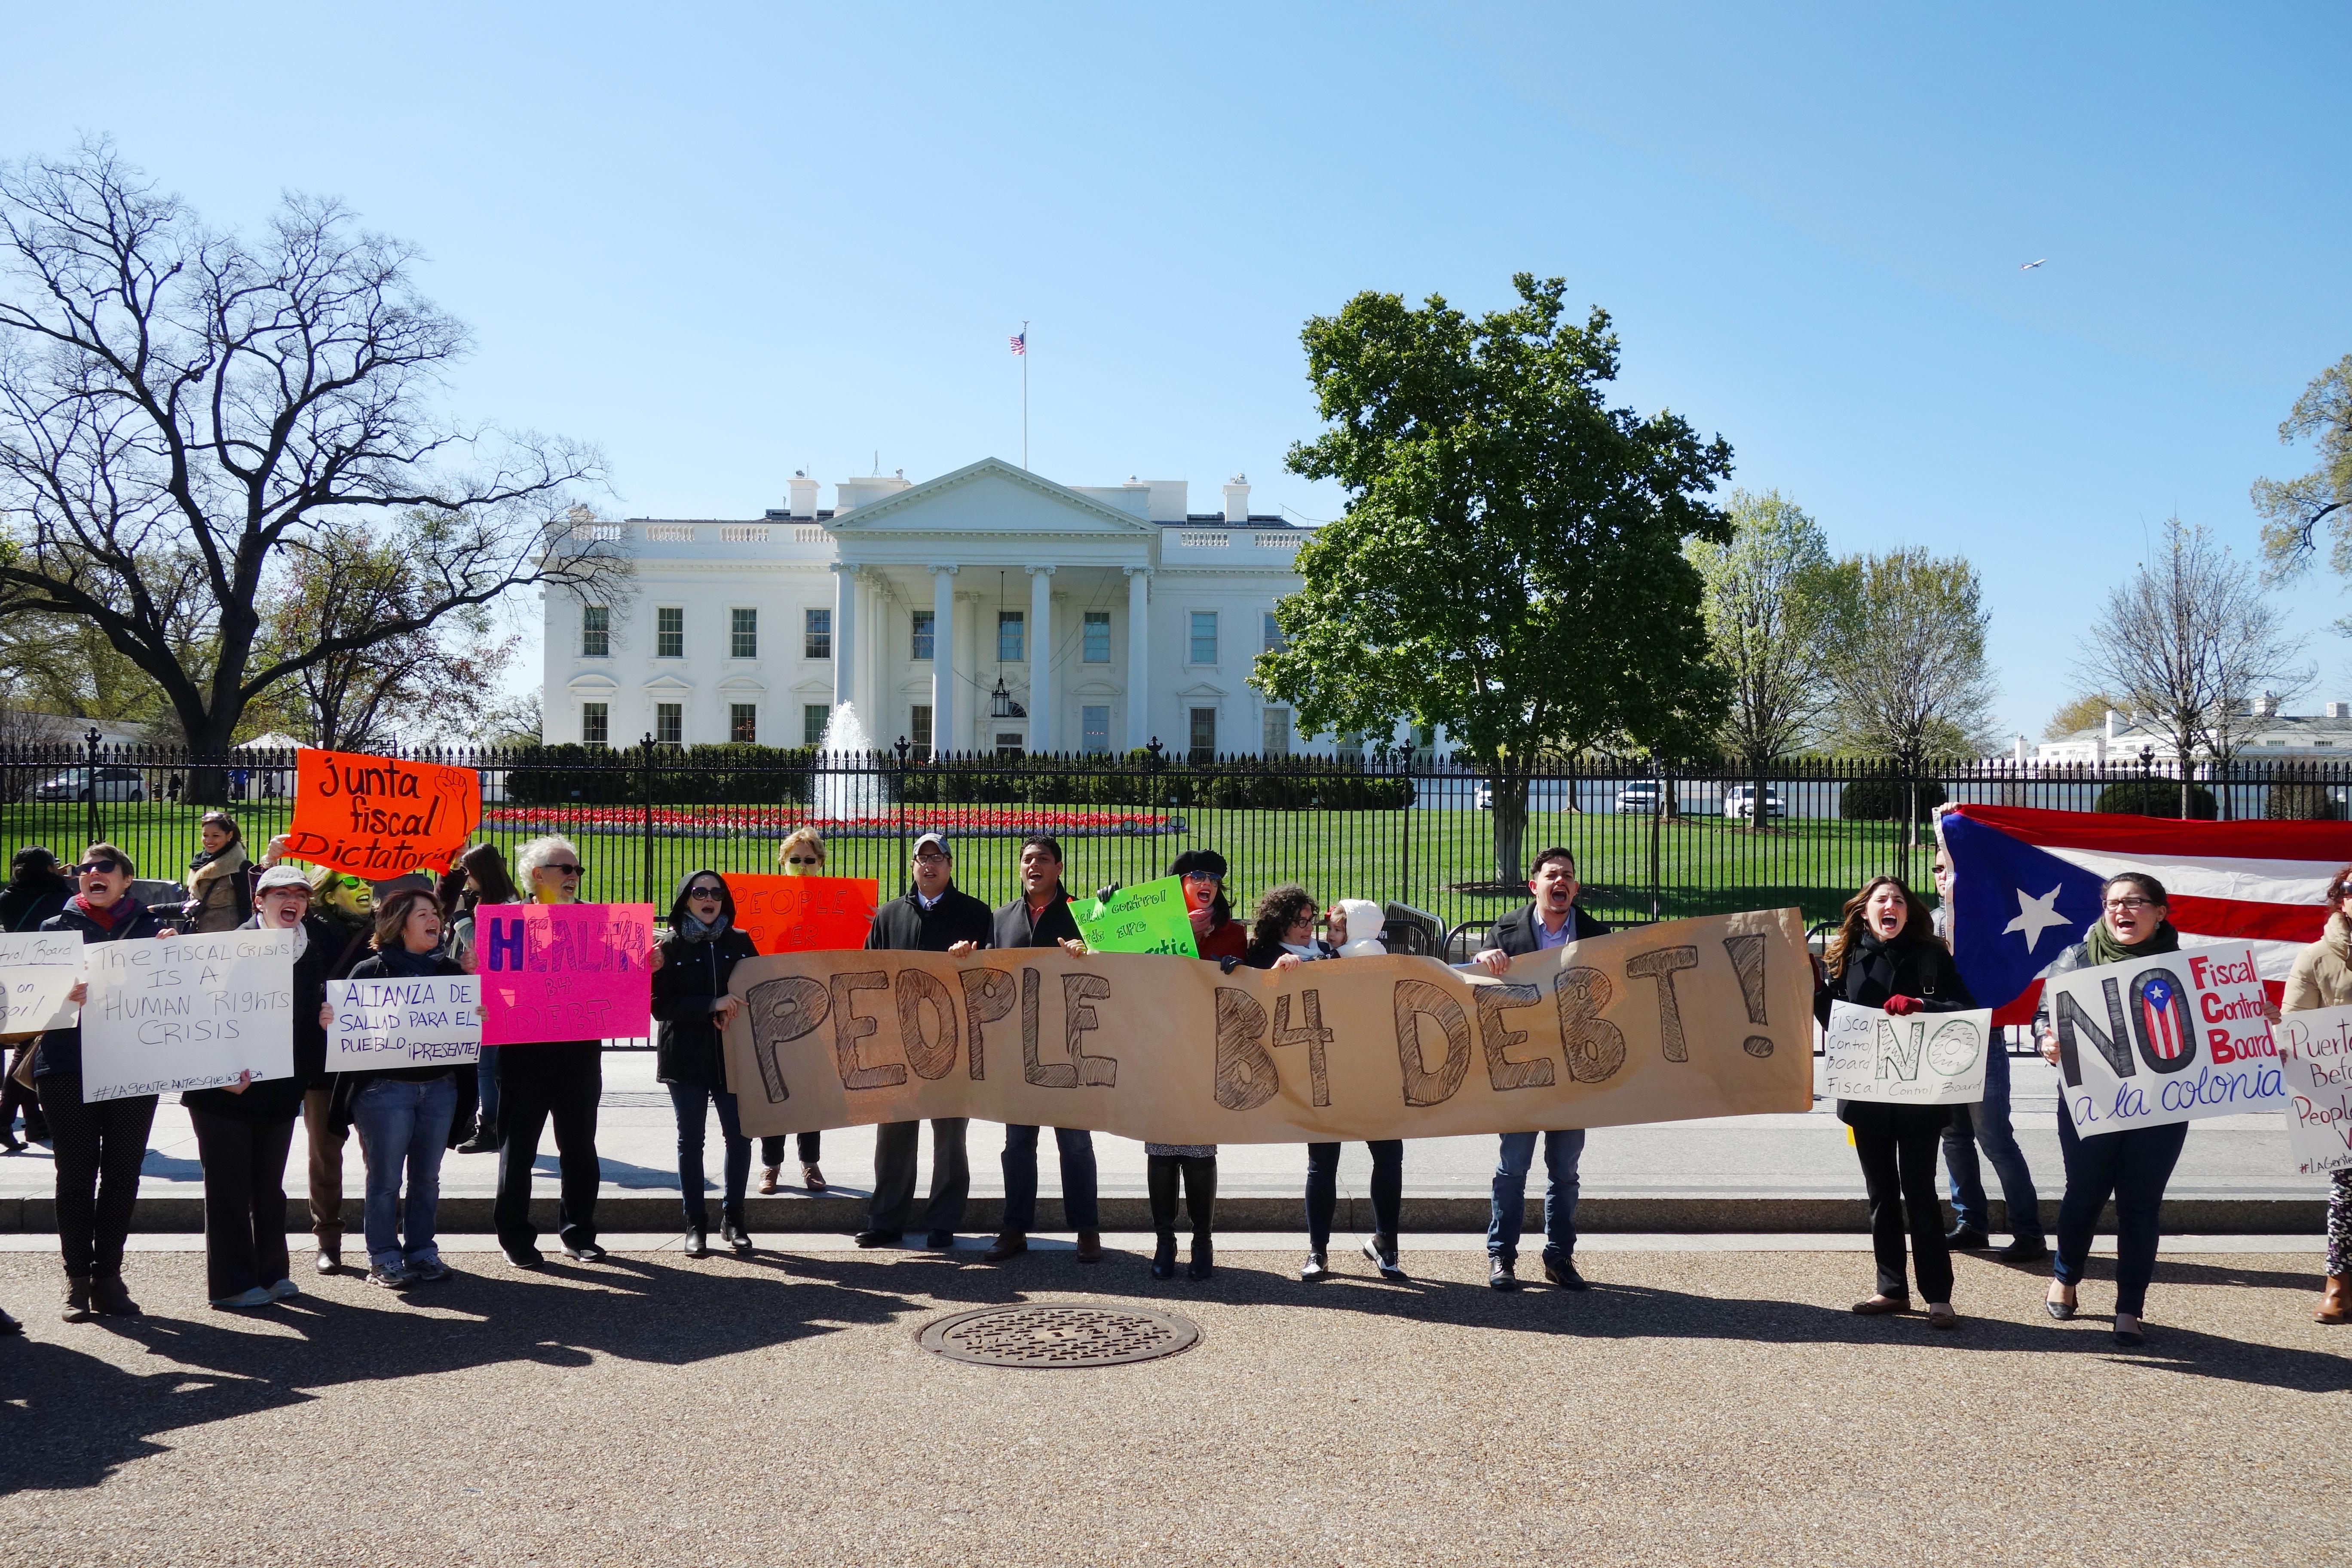 Puertorriqueños protestan frente a la Casa Blanca en Washington. Foto: José Zamorano.